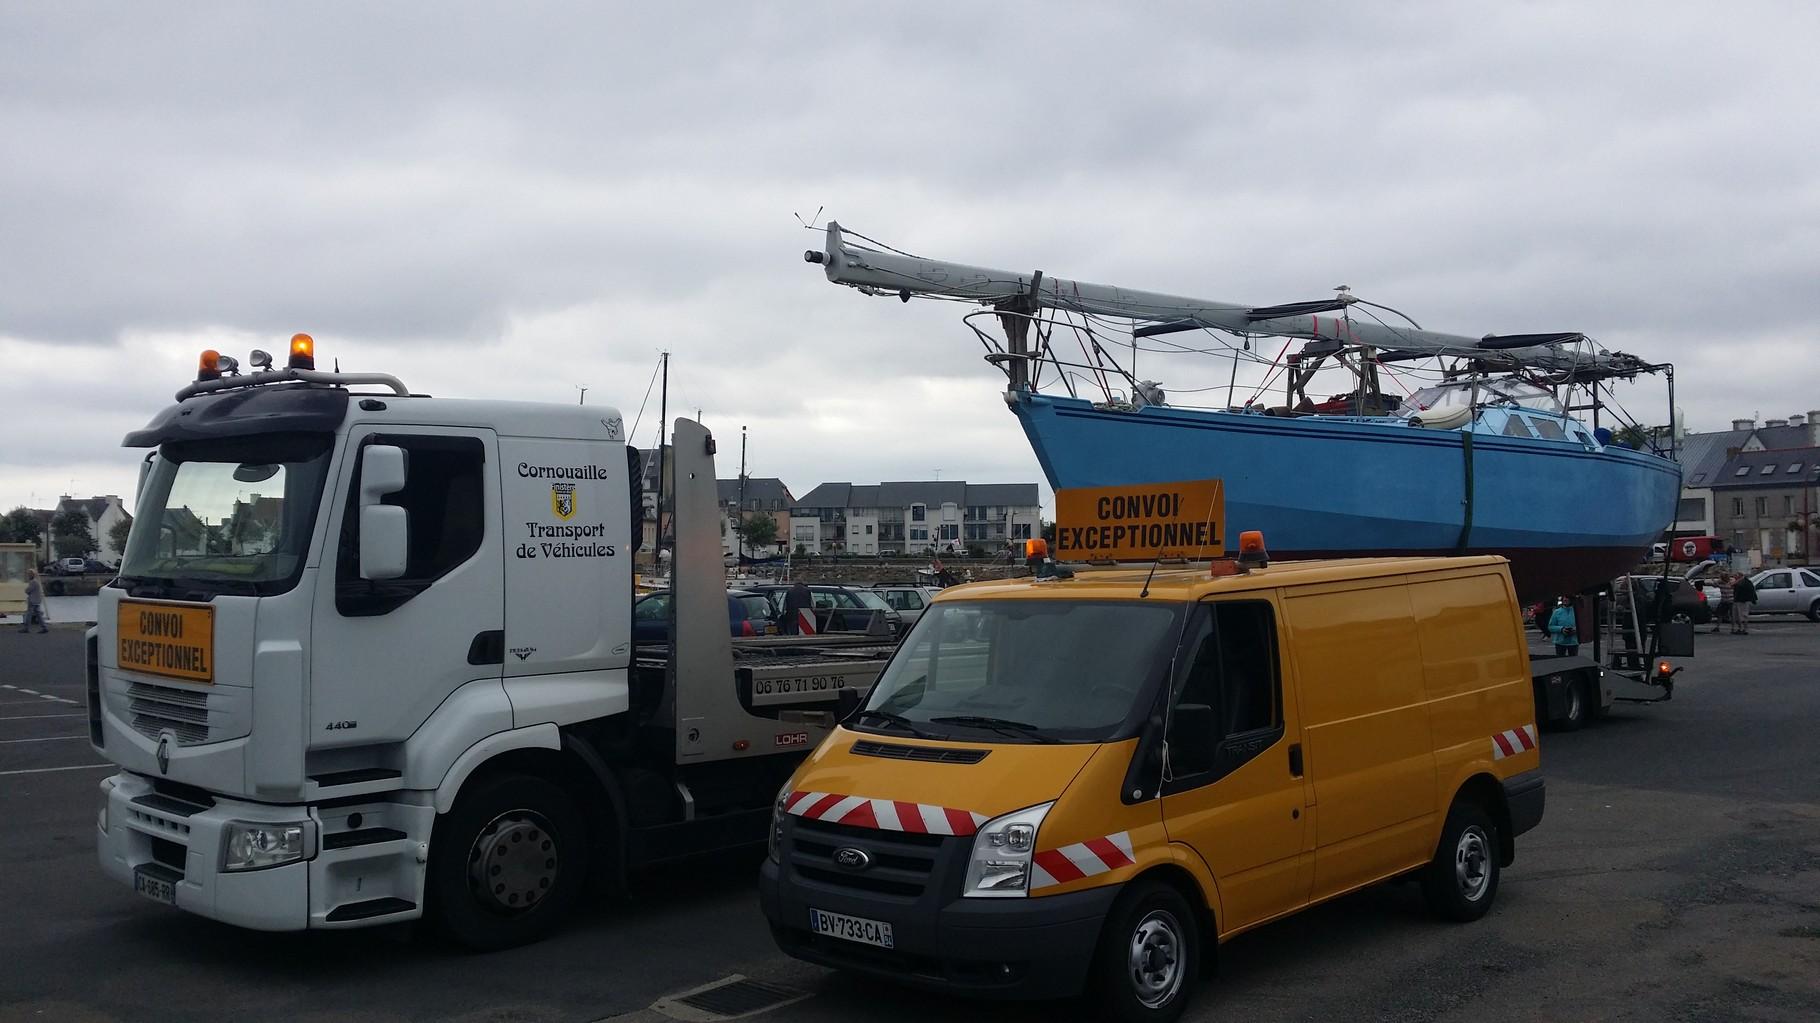 Transport de bateau en catégorie 2 avec voiture pilote